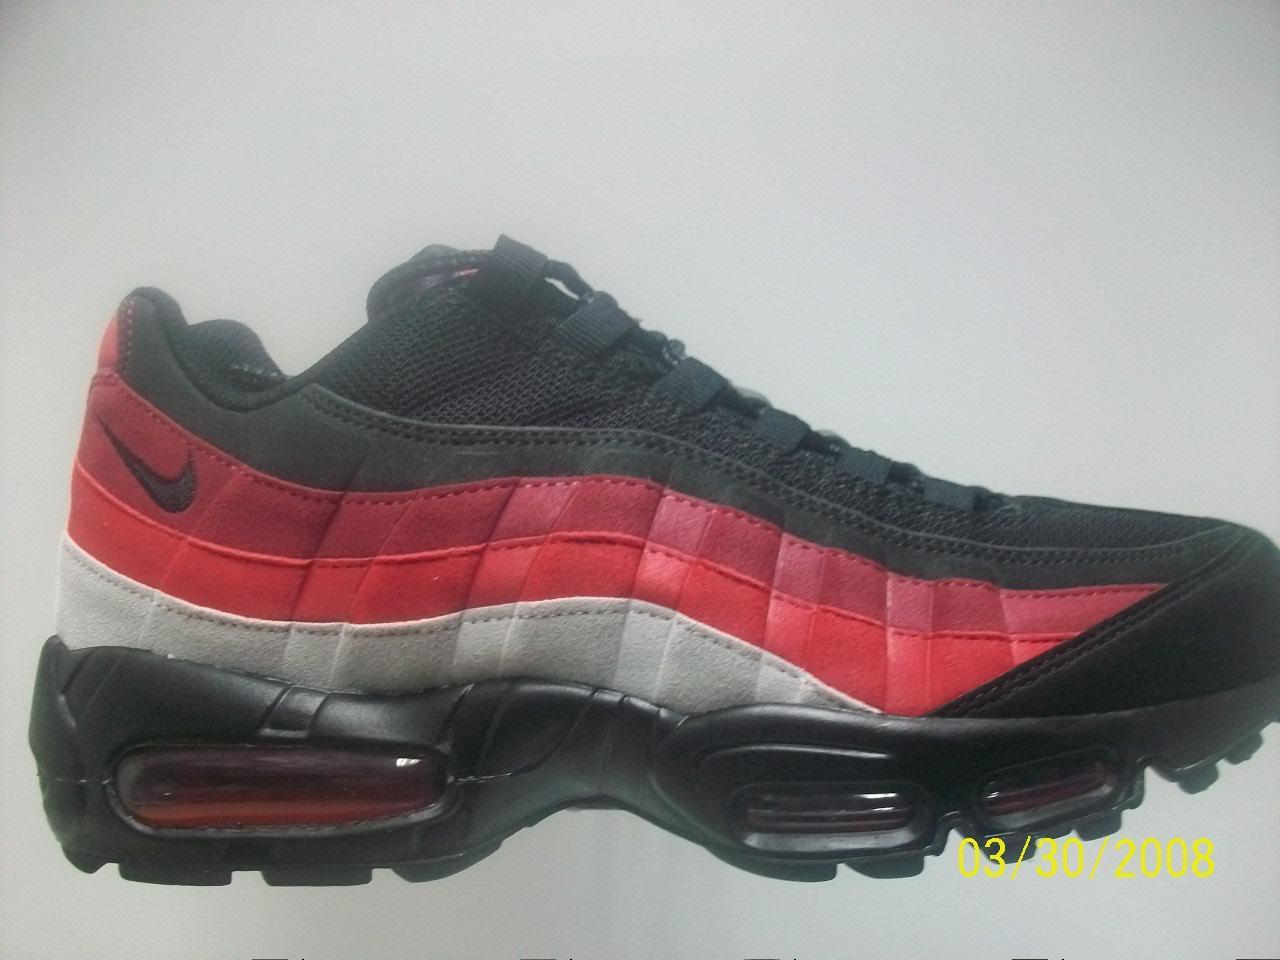 cd45a458cedda9 New Nike Air Max 110s - Praesta